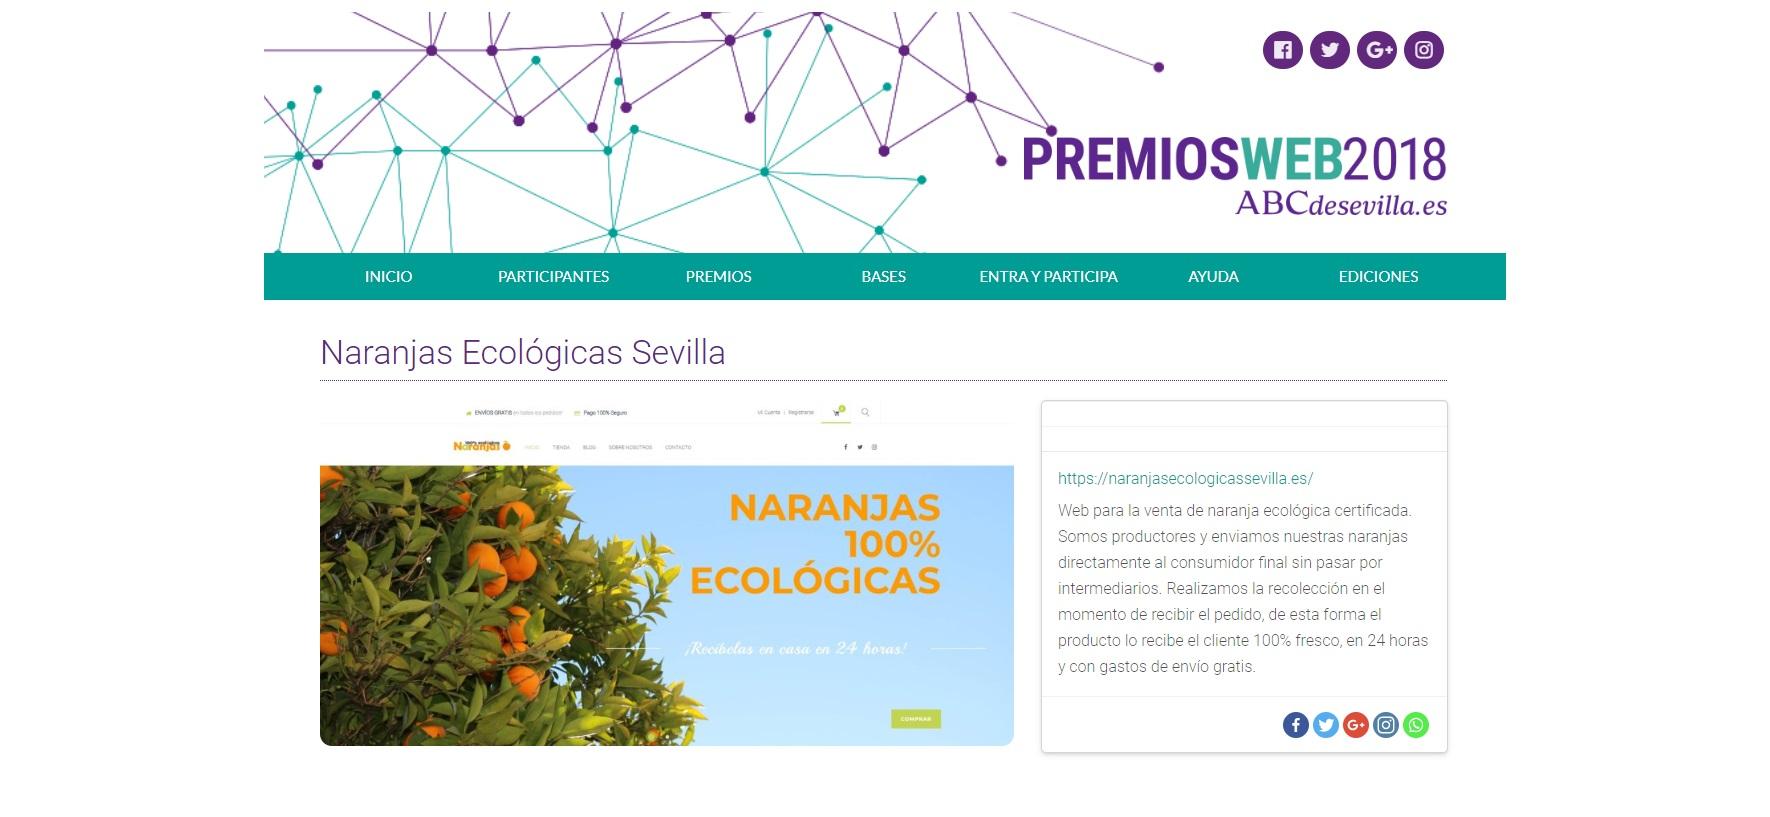 Hemos sido pre-seleccionados en los Premios Web organizados por ABC de Sevilla